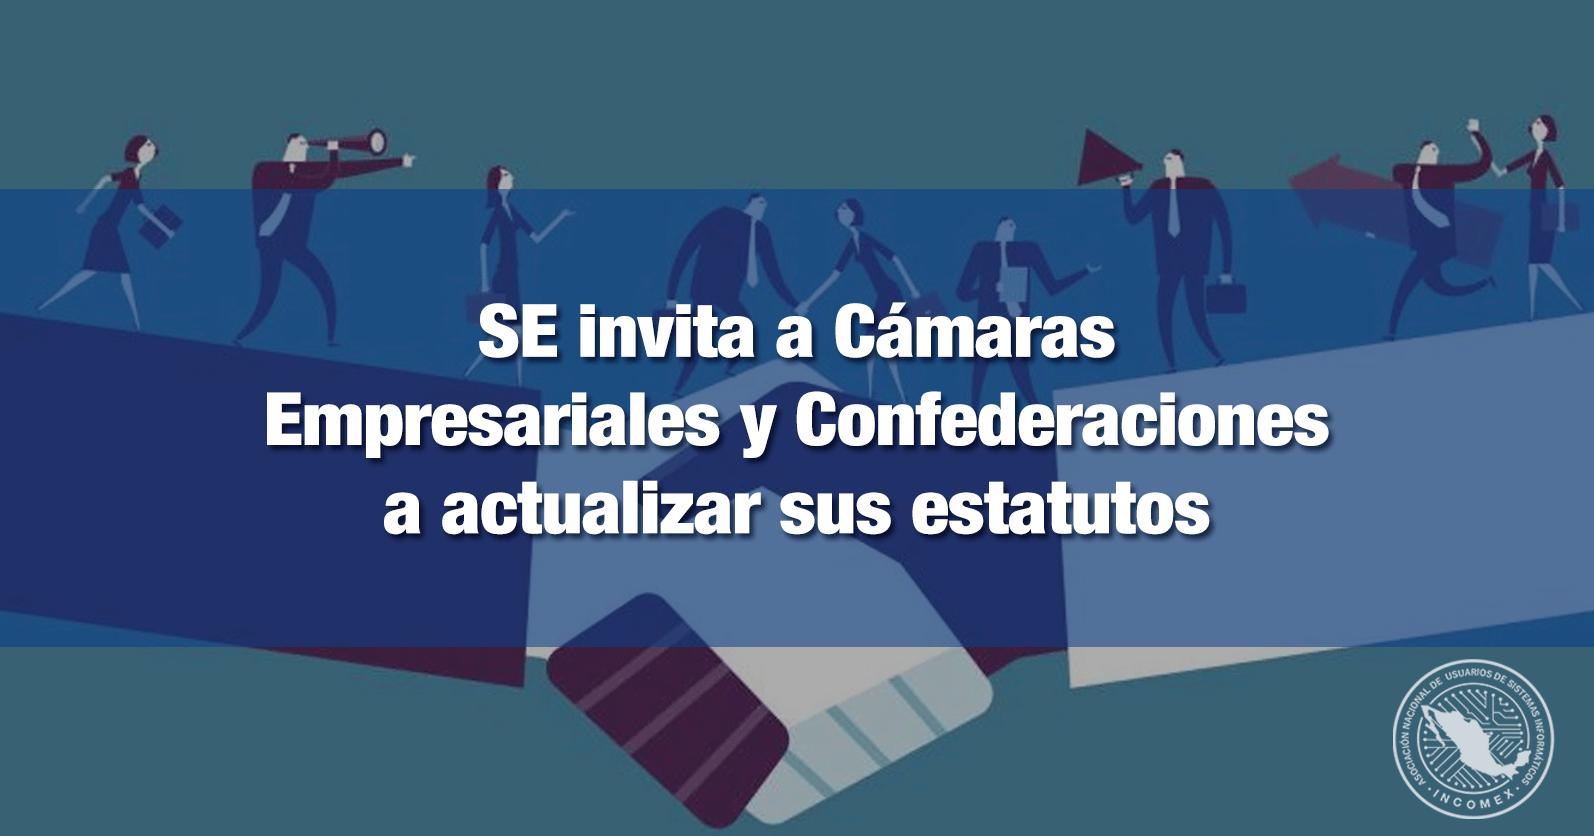 SE invita a Cámaras Empresariales y Confederaciones a actualizar sus estatutos